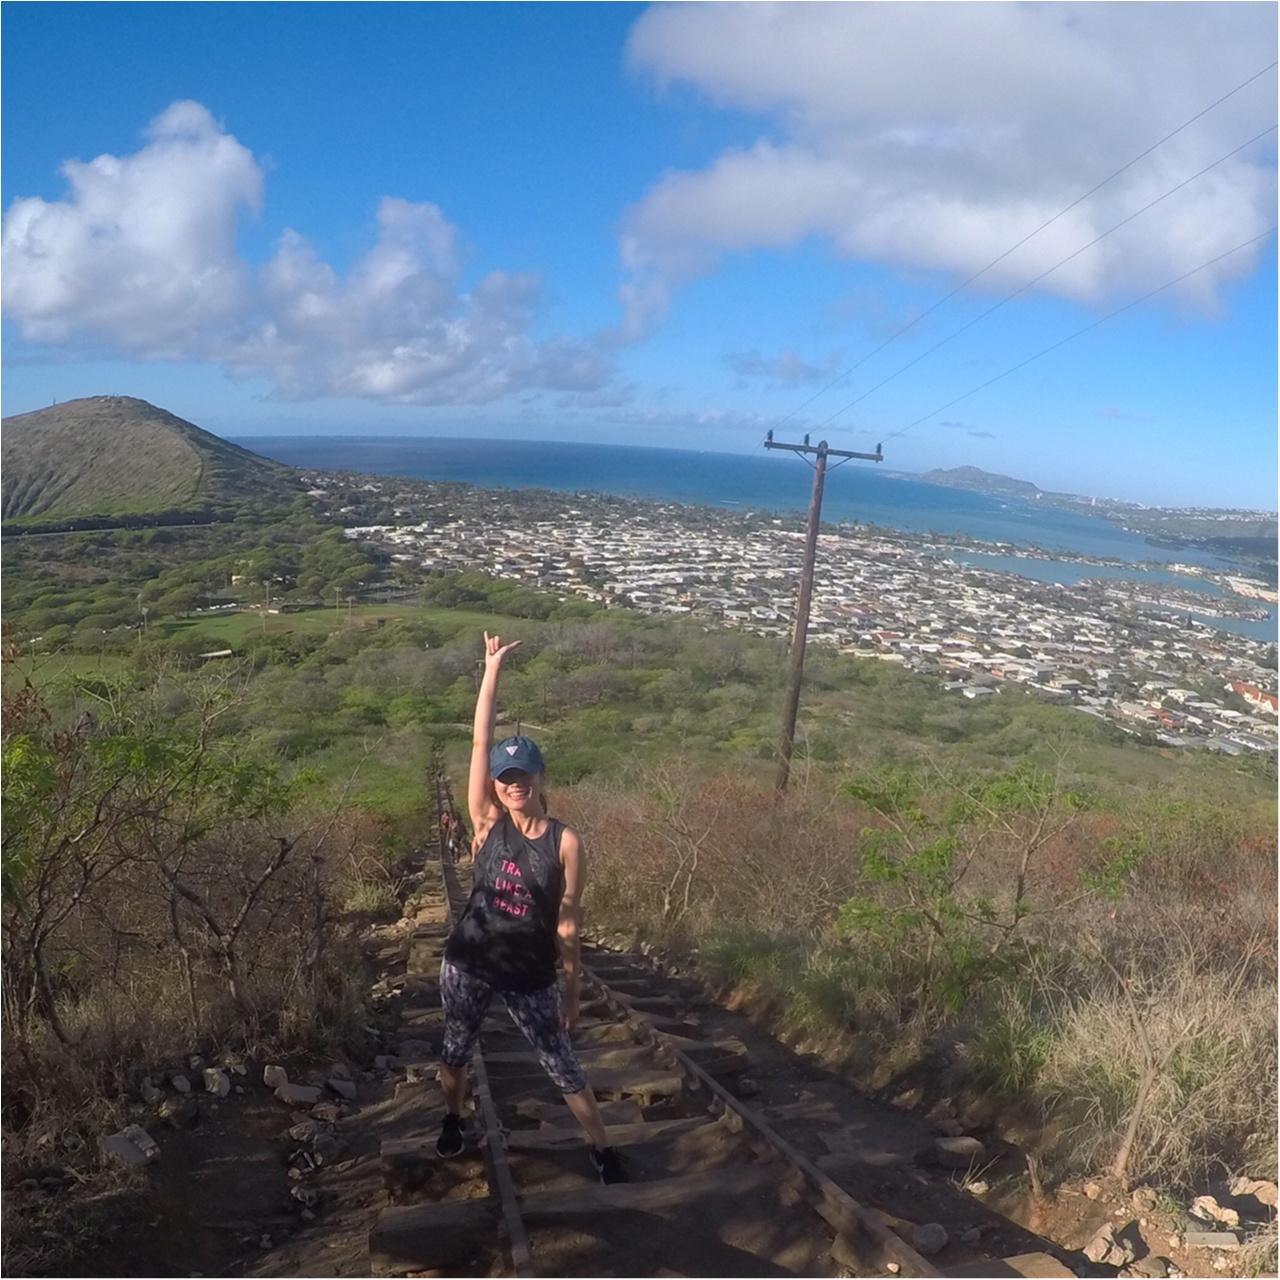 ハワイ女子旅特集 - 人気のカフェやグルメ、インスタ映えスポット、ディズニーなど旅する女子のおすすめまとめ_135